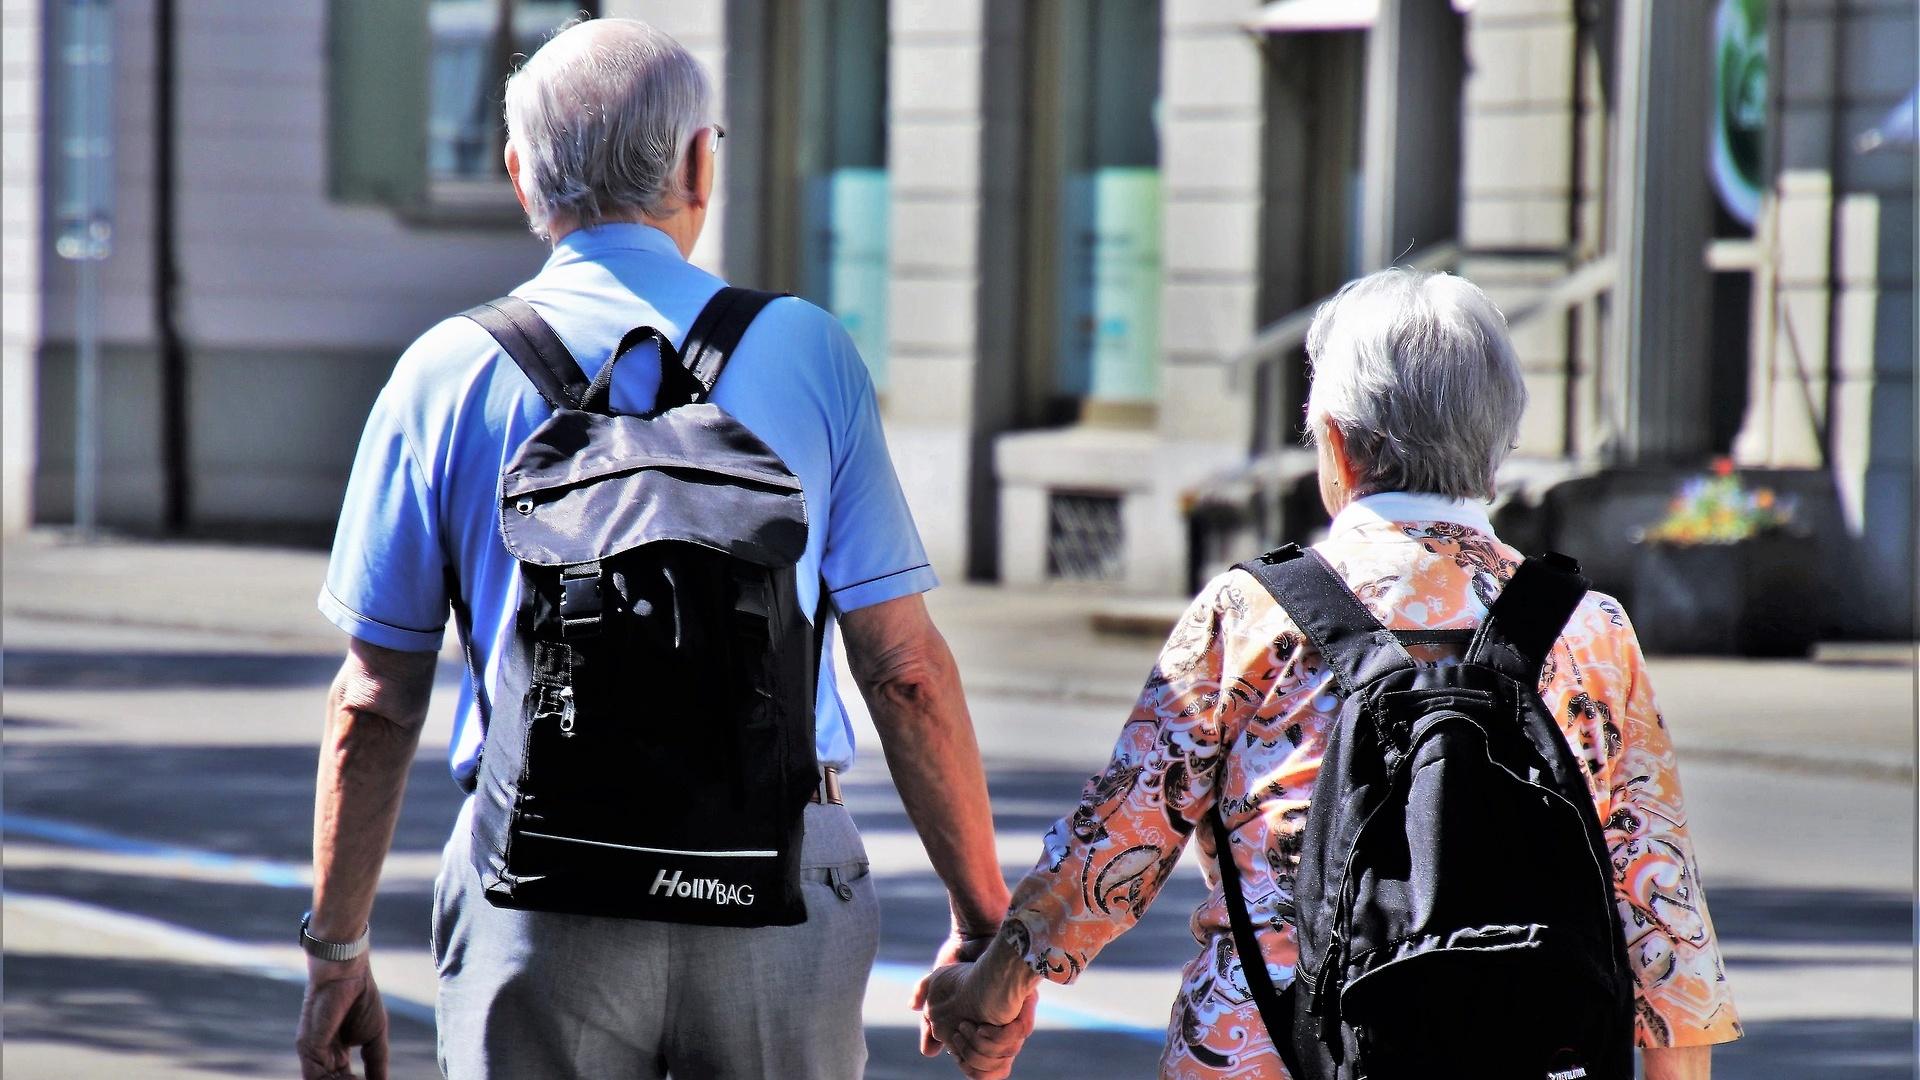 Proposta della Cgil sulle pensioni: uscita a 66 anni, 42 di contributi e assegno di 1.000€